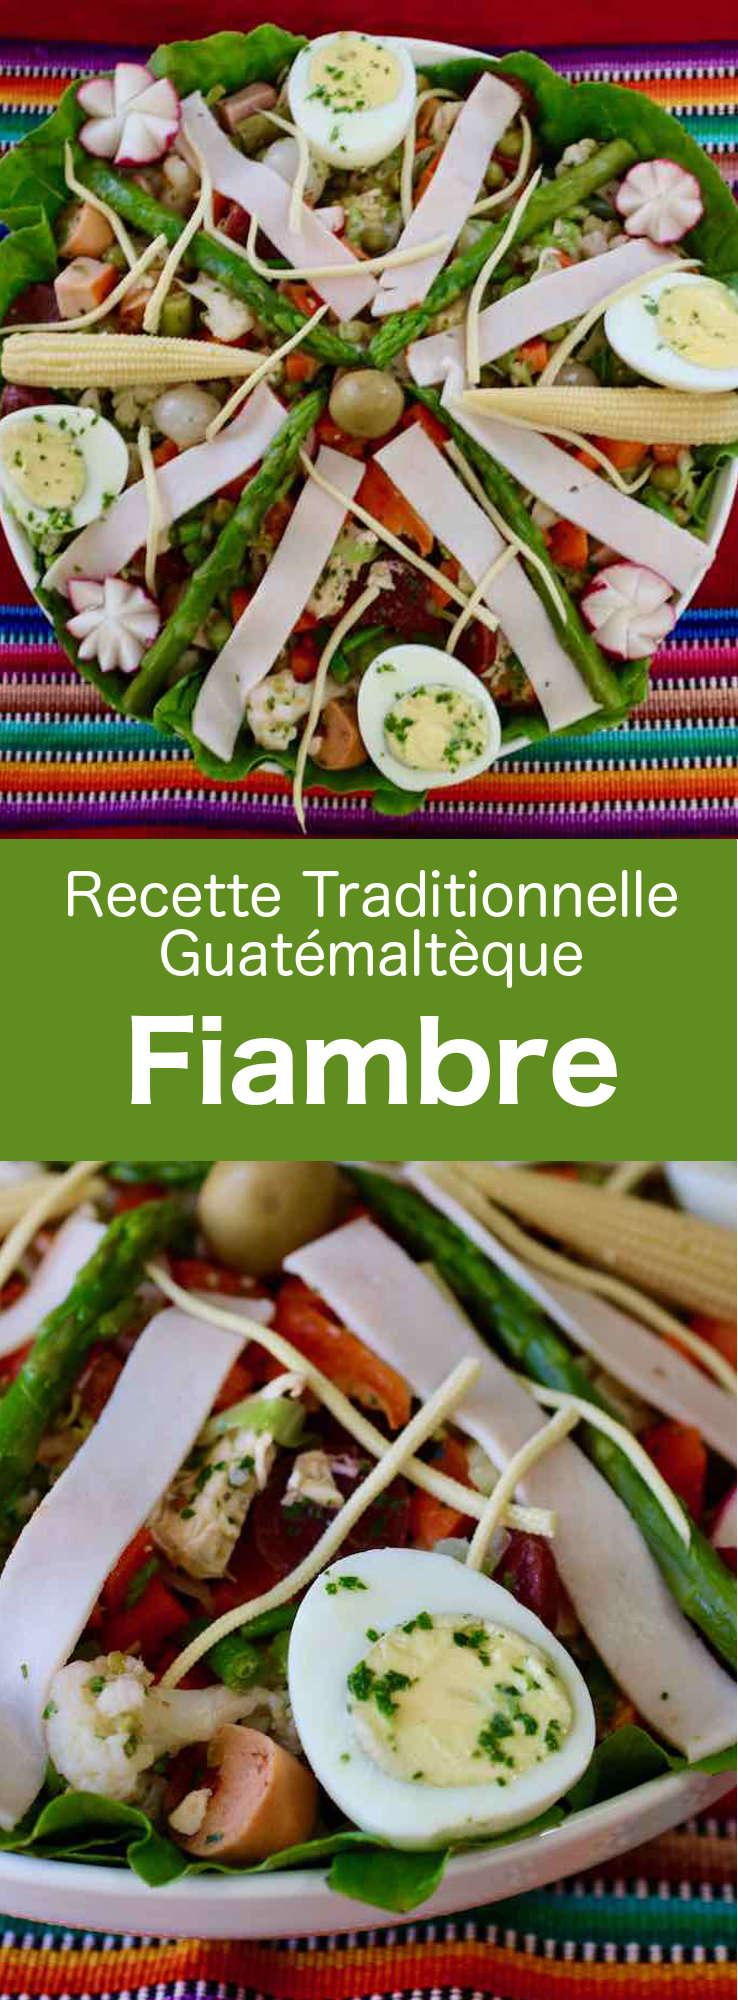 Le fiambre est une salade guatémaltèque préparée avec une variété de légumes, de viandes et de fromages, consommée pendant Día de los Muertos. #Guatemala #CuisineGuatemalteque #AmeriqueCentrale #CuisineDuMonde #196flavors